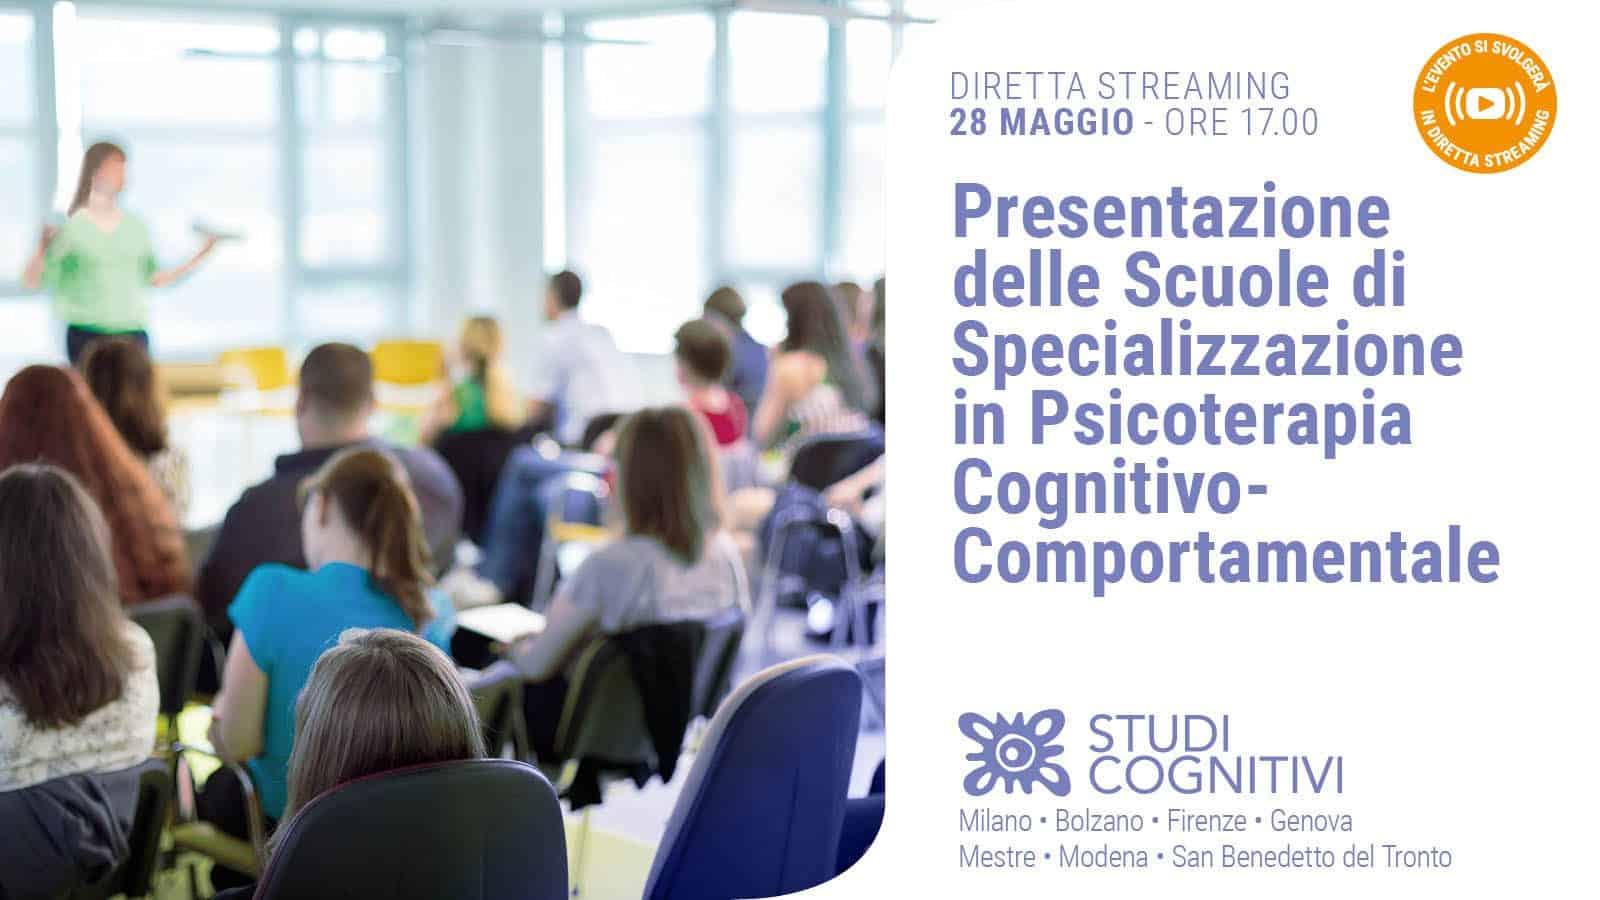 NAZIONALE - 200528 - Presentazione Scuola Streaming - Banner - Ver 2